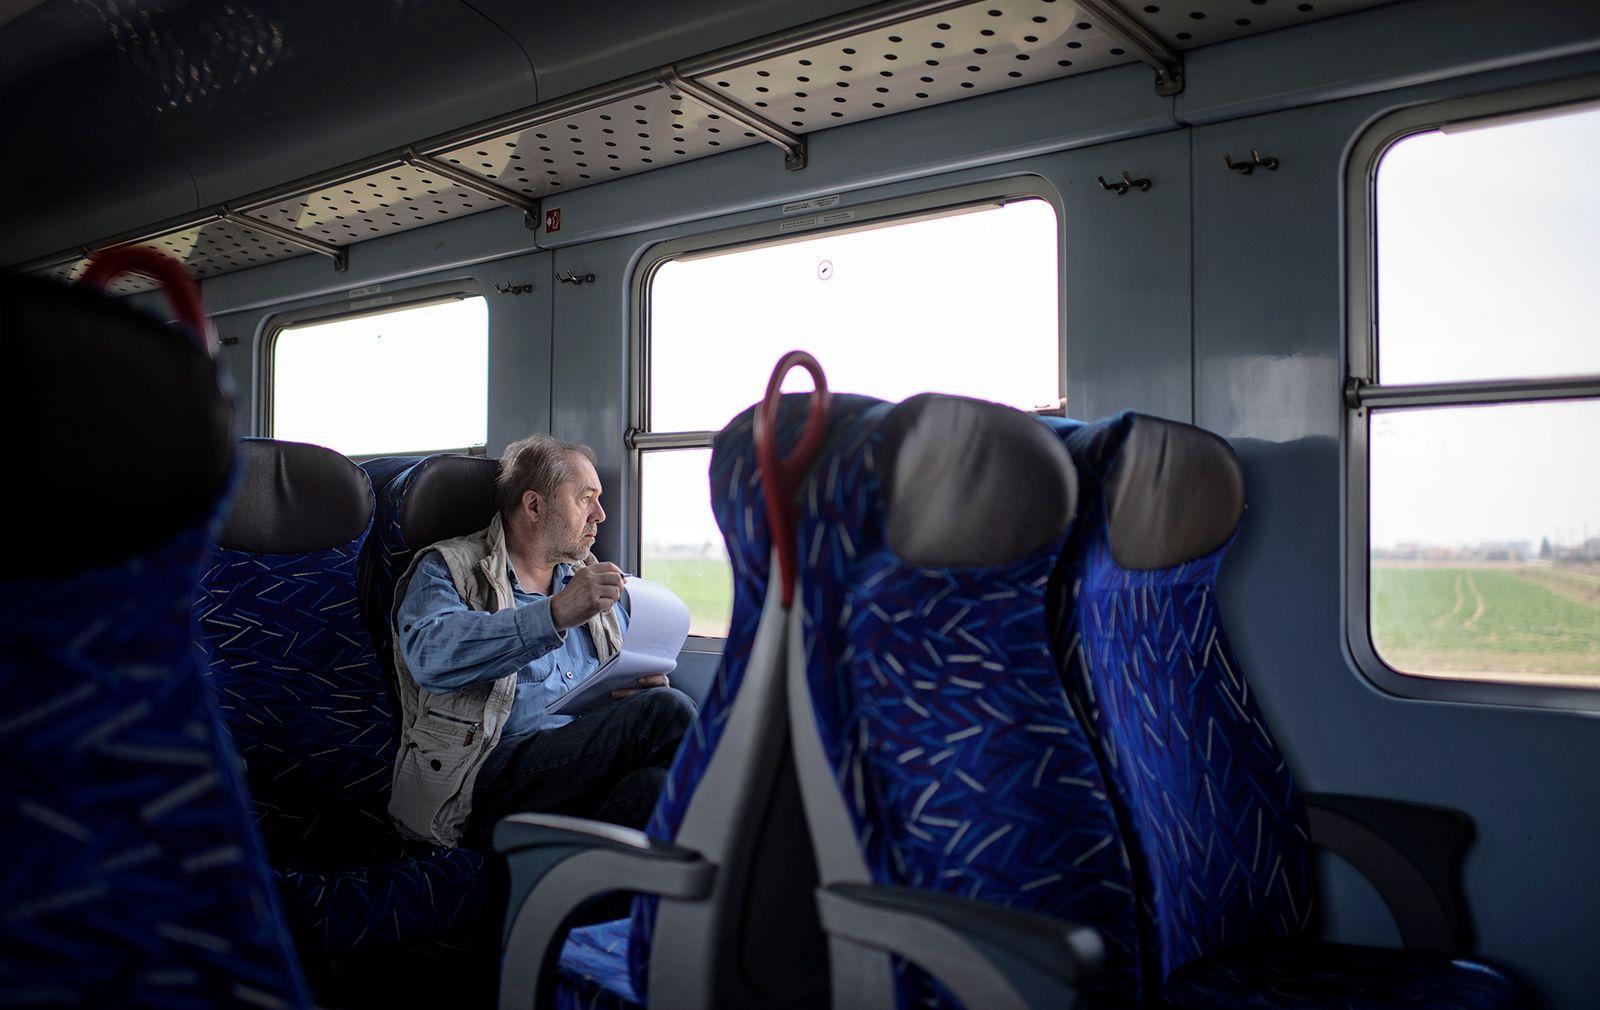 Fotoreportaza Hedl Testira Najgore Vlakove U Eu Najbrze Linije Hz A Kasne 28 Minuta A Brzi Su Kao 1933 Telegram Hr